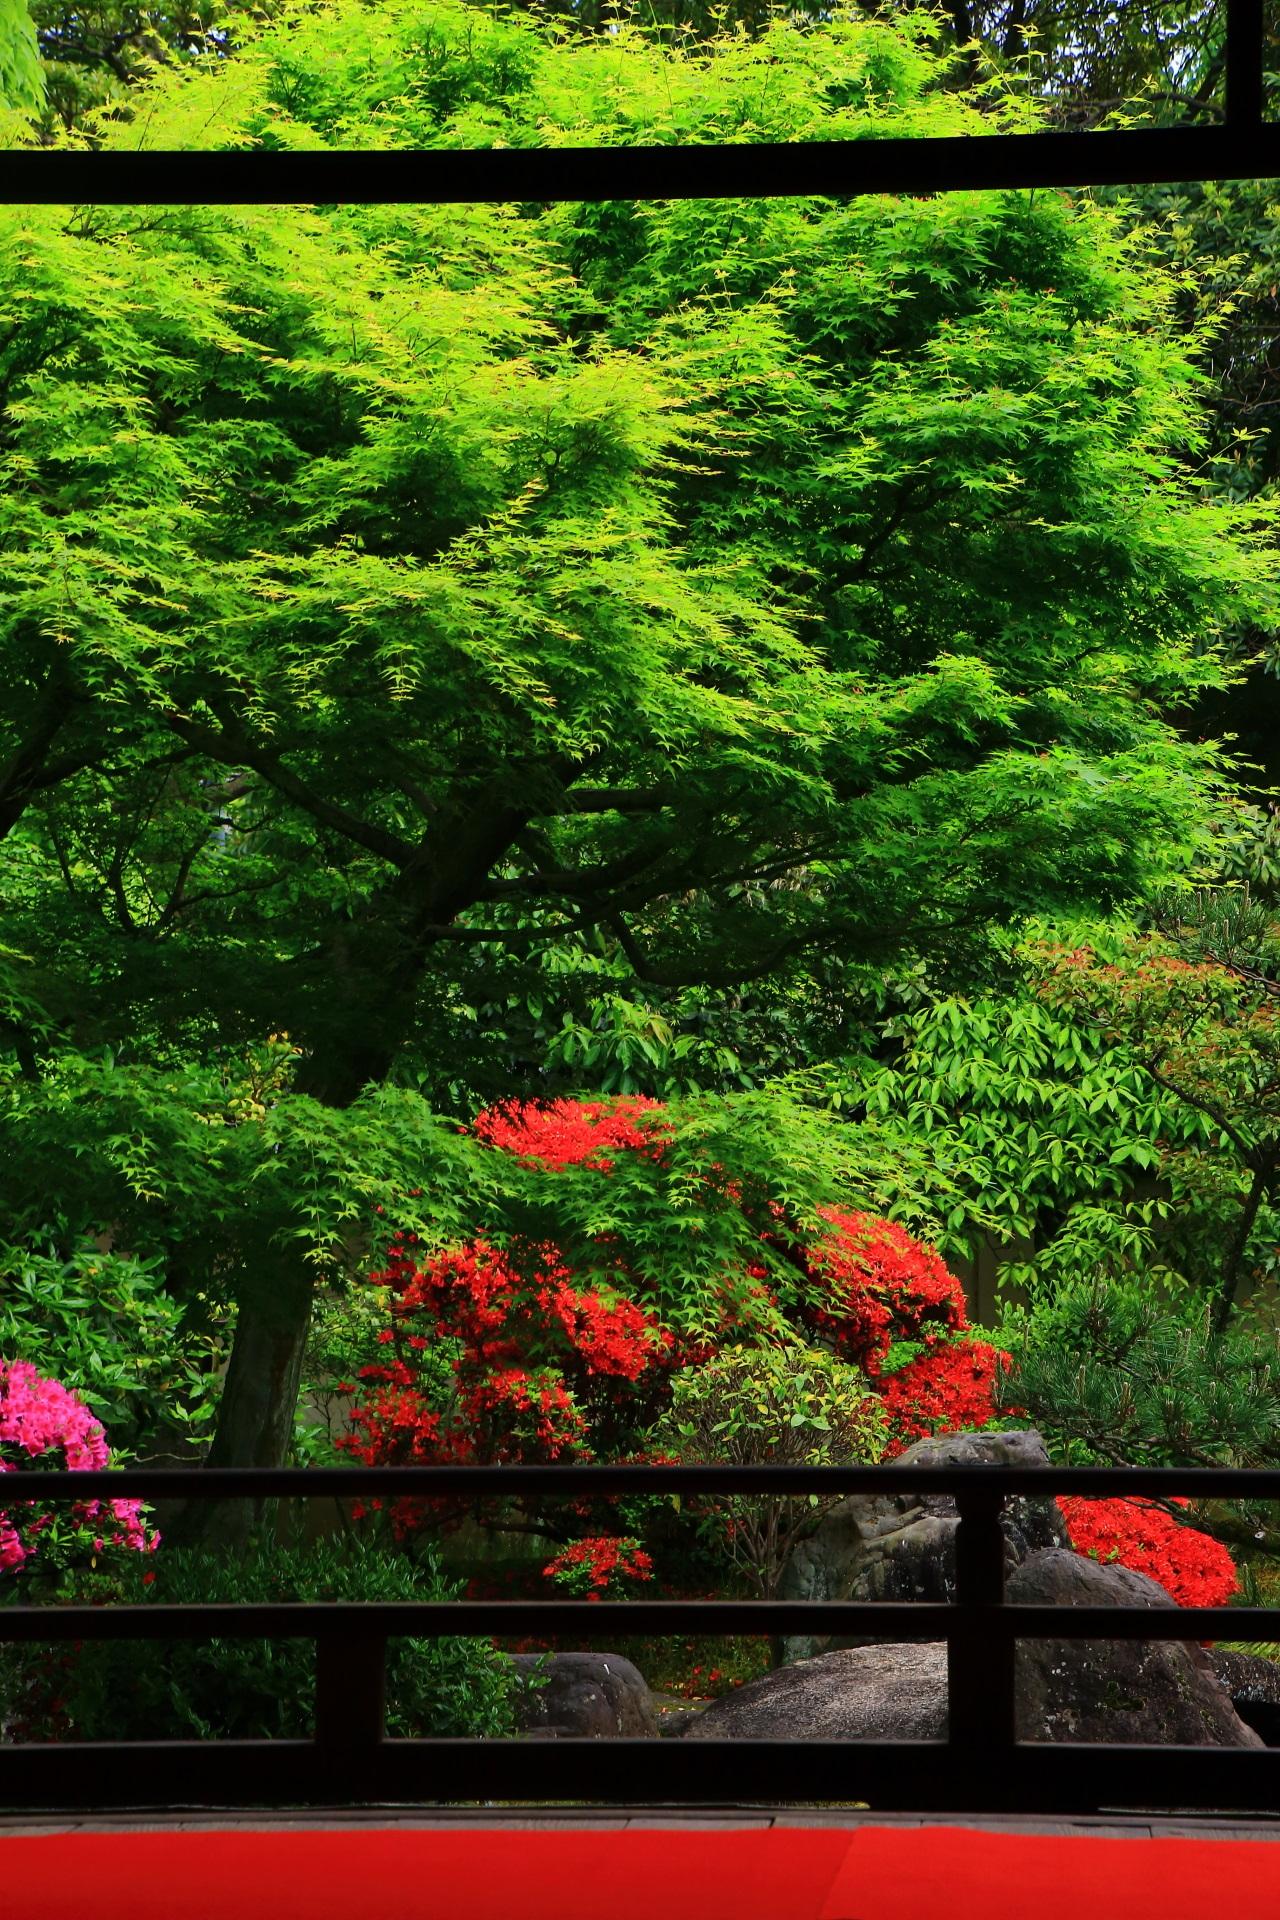 正伝永源院のの素晴らしいツツジや新緑と春の情景